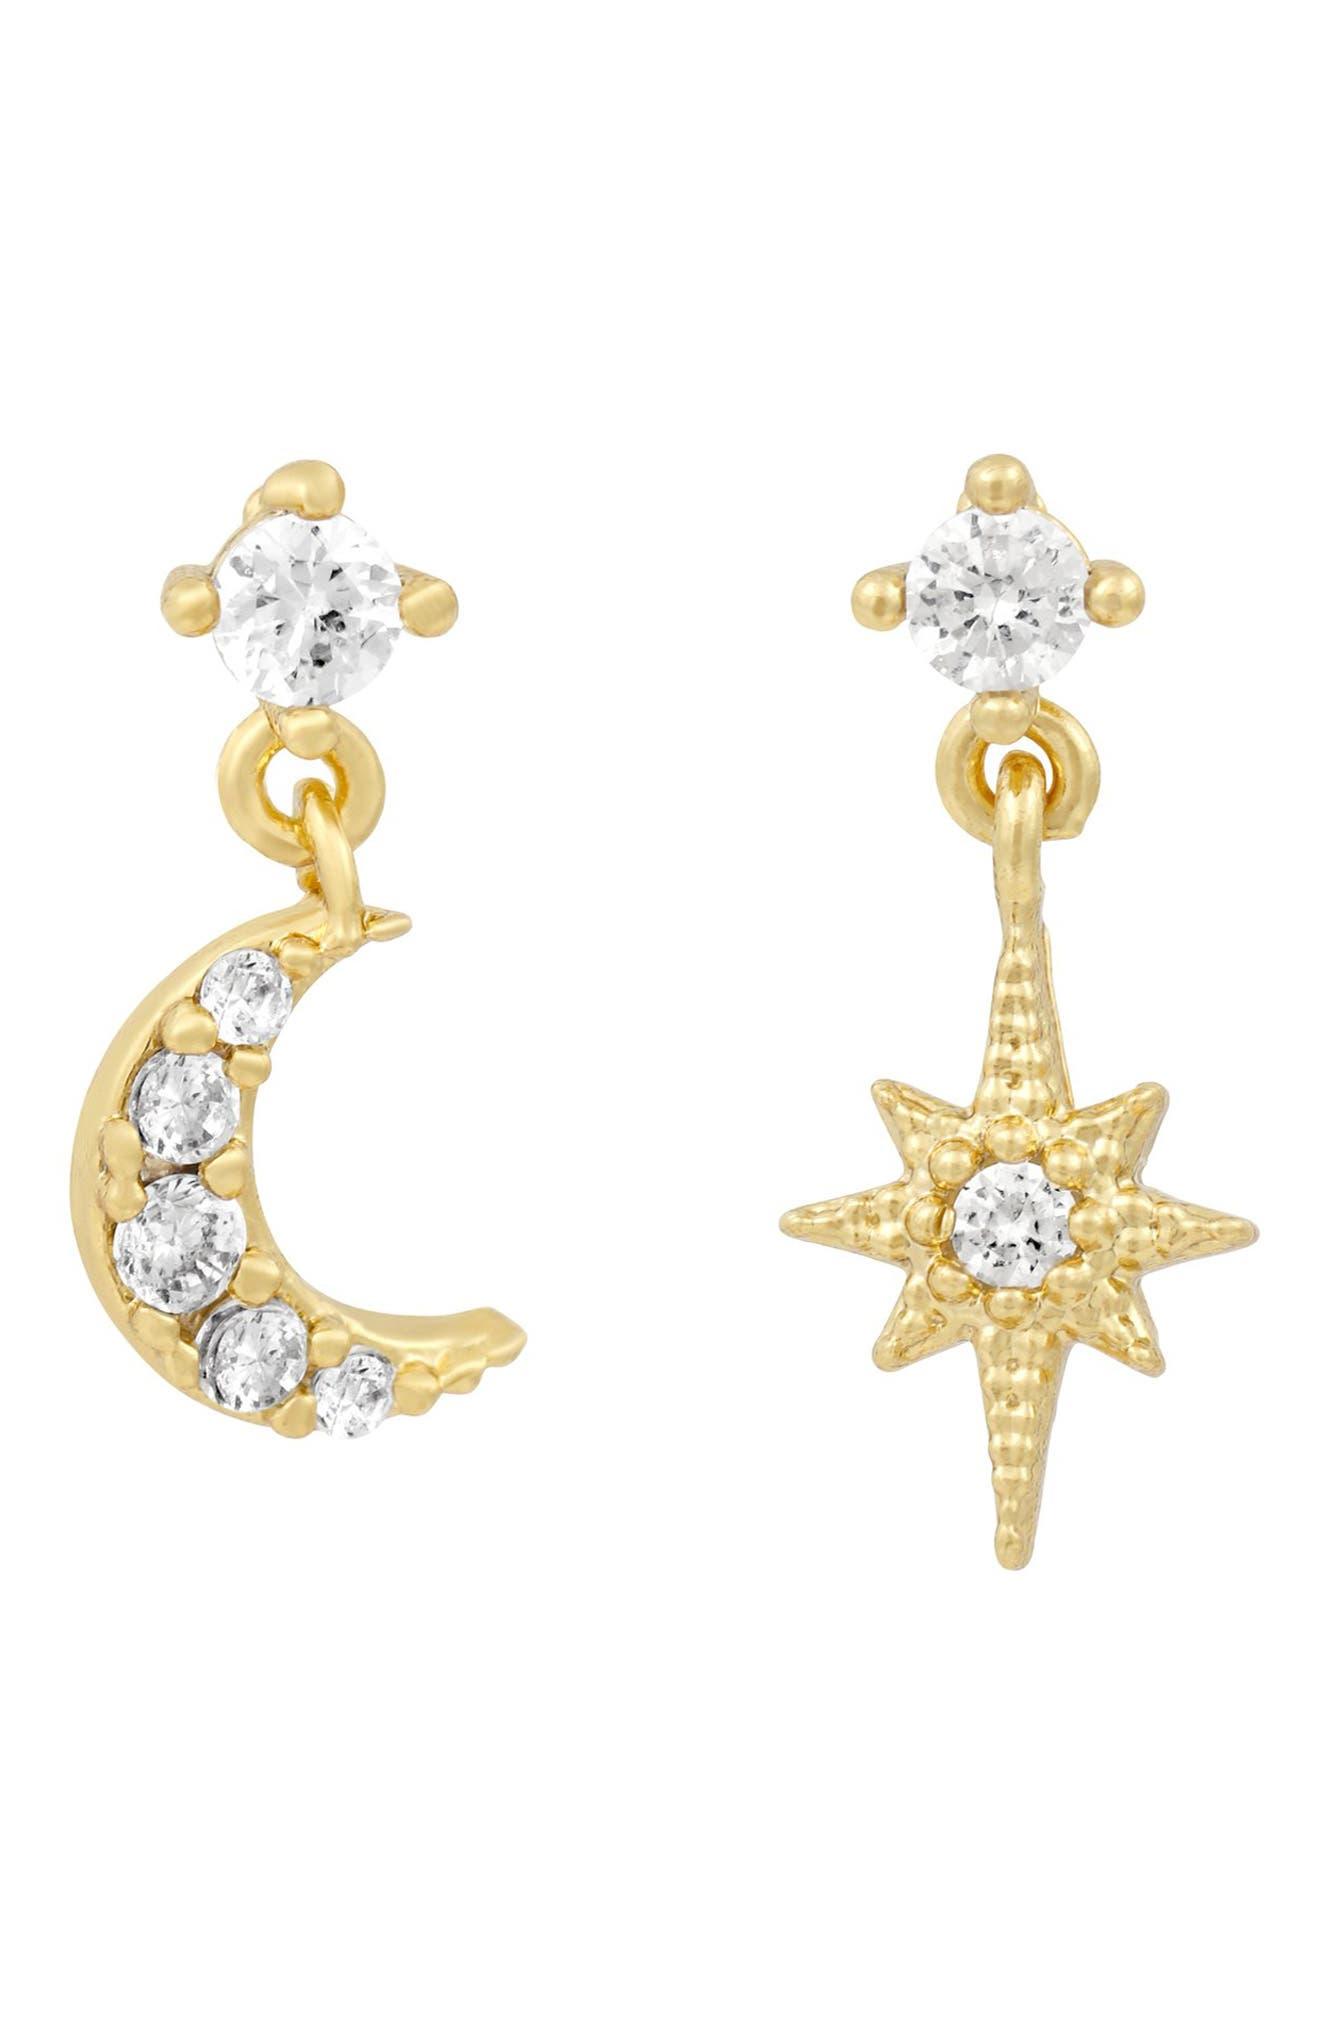 Starry Night Cubic Zirconia Earrings